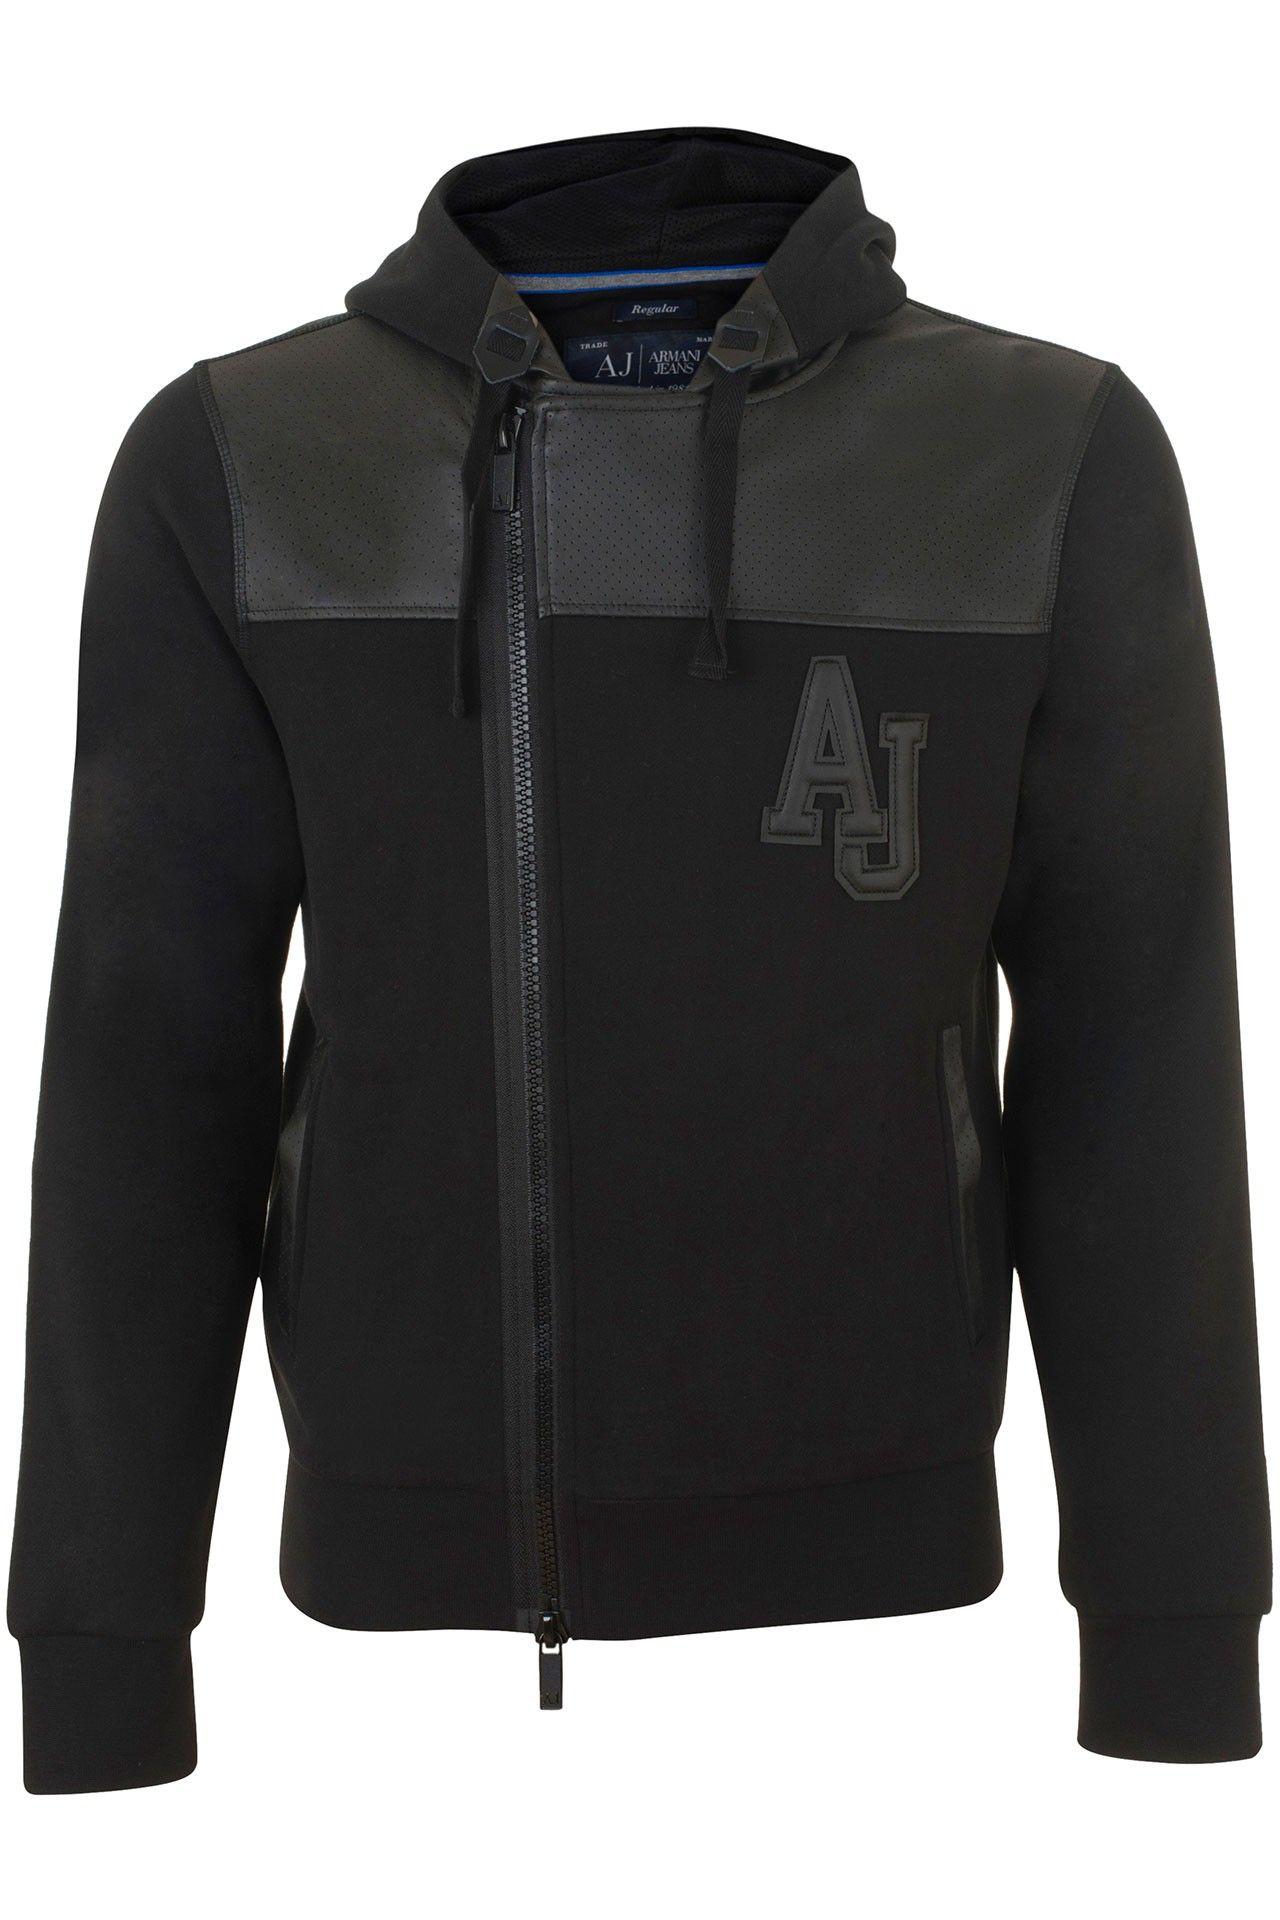 Stoer zwart katoenen vest van Armani Jeans. Het vest heeft een gevoerde capuchon. Het AJ logo op de borst de schouderstukken en langs de zakken is van polyurethaan. De rits loopt asymmetrisch. De boorden zijn van een stretch kwaliteit.